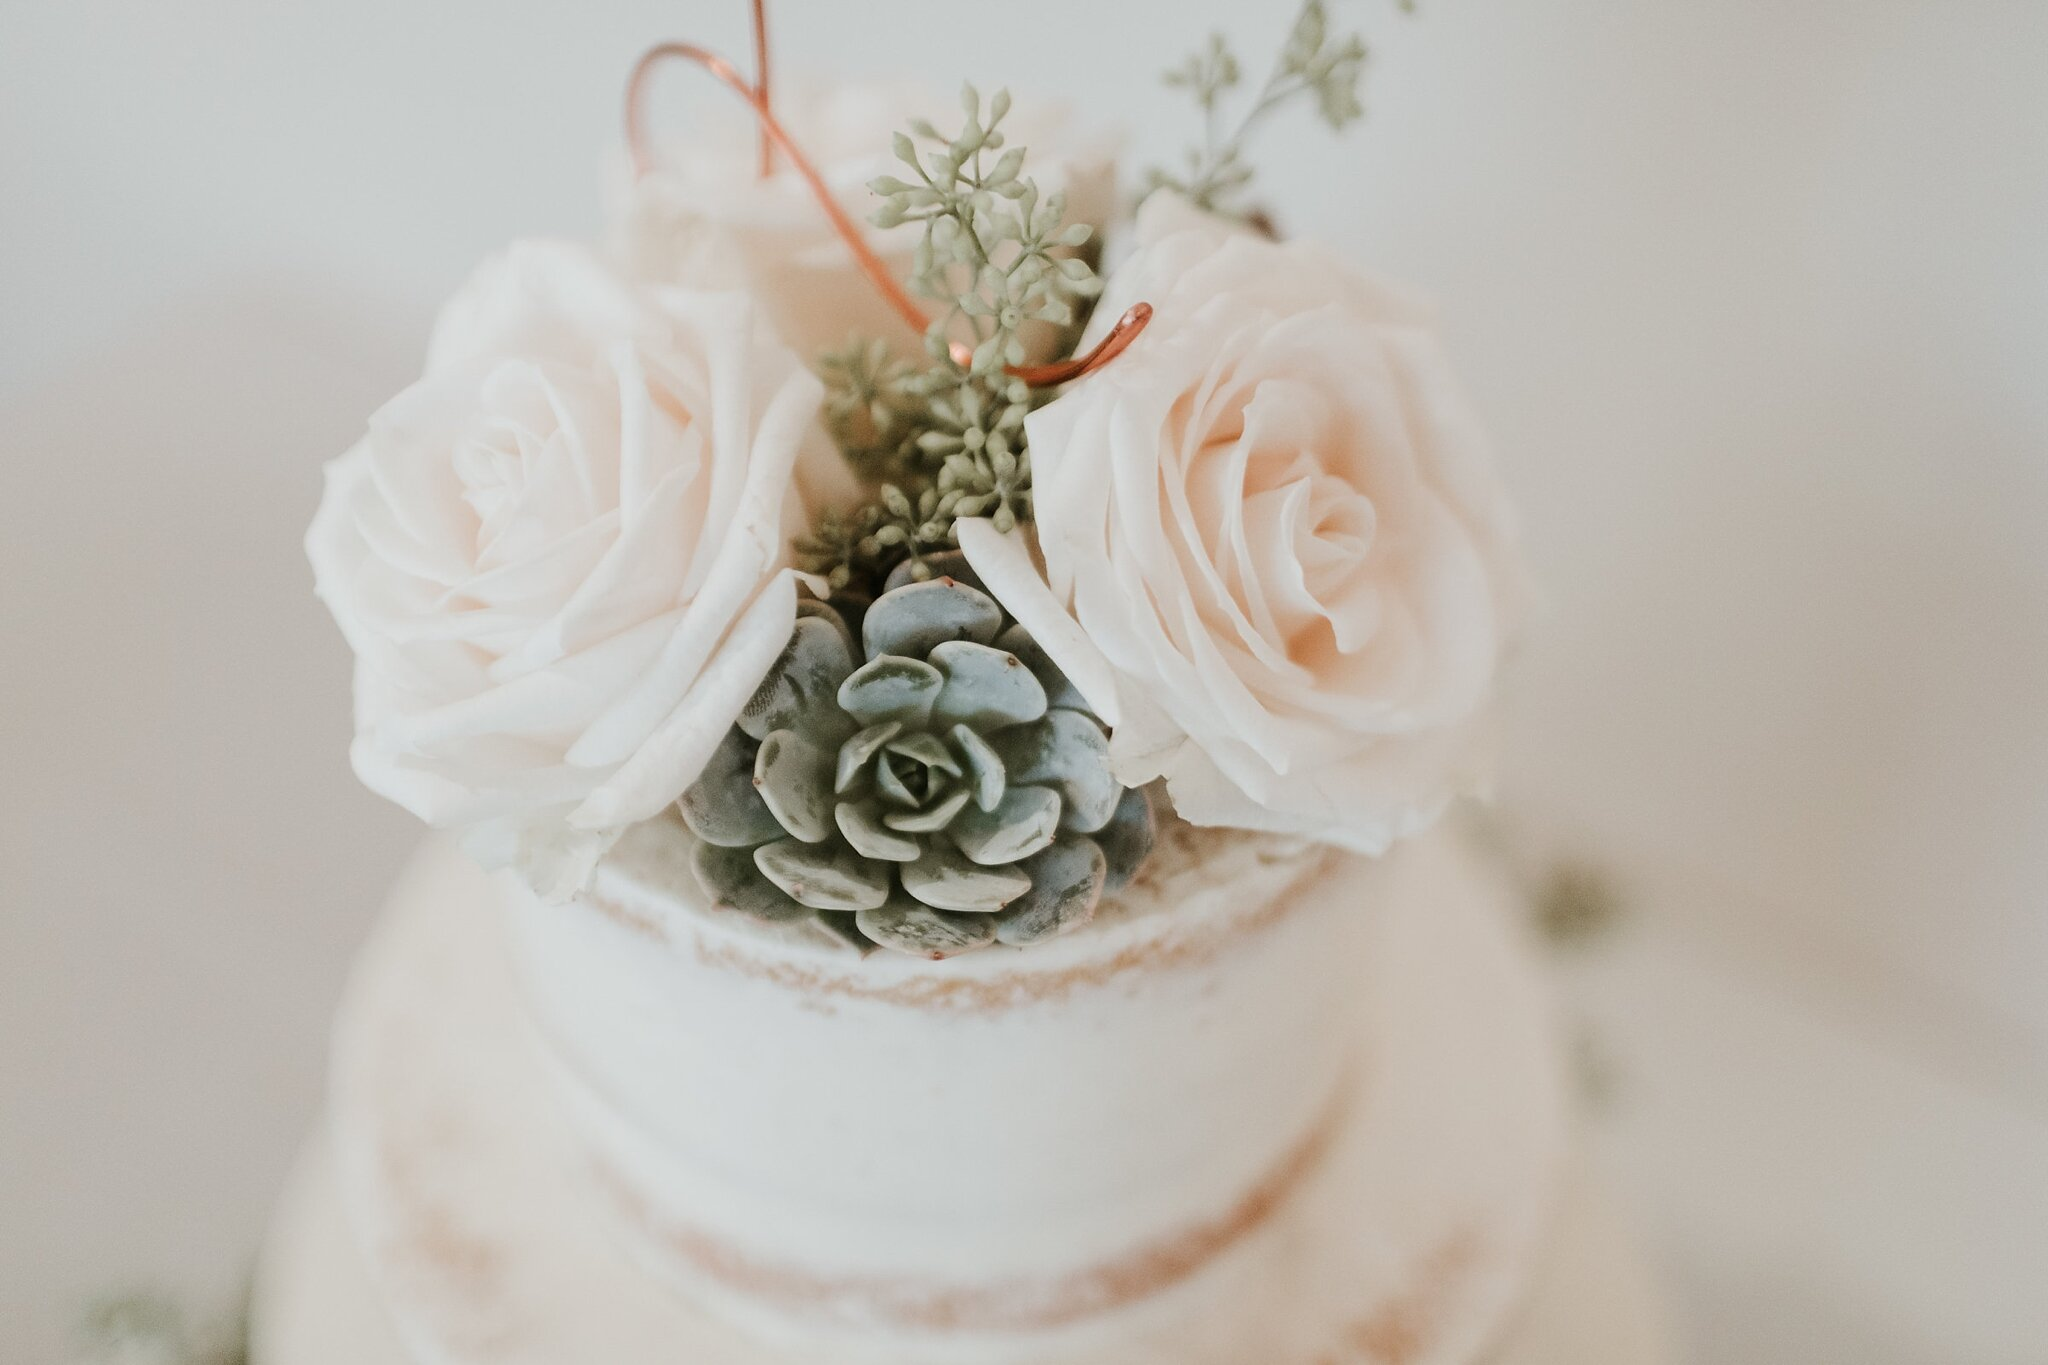 Alicia+lucia+photography+-+albuquerque+wedding+photographer+-+santa+fe+wedding+photography+-+new+mexico+wedding+photographer+-+new+mexico+wedding+-+wedding+-+wedding+cakes+-+flroal+cake+-+santa+fe+cake+-+santa+fe+baker_0008.jpg